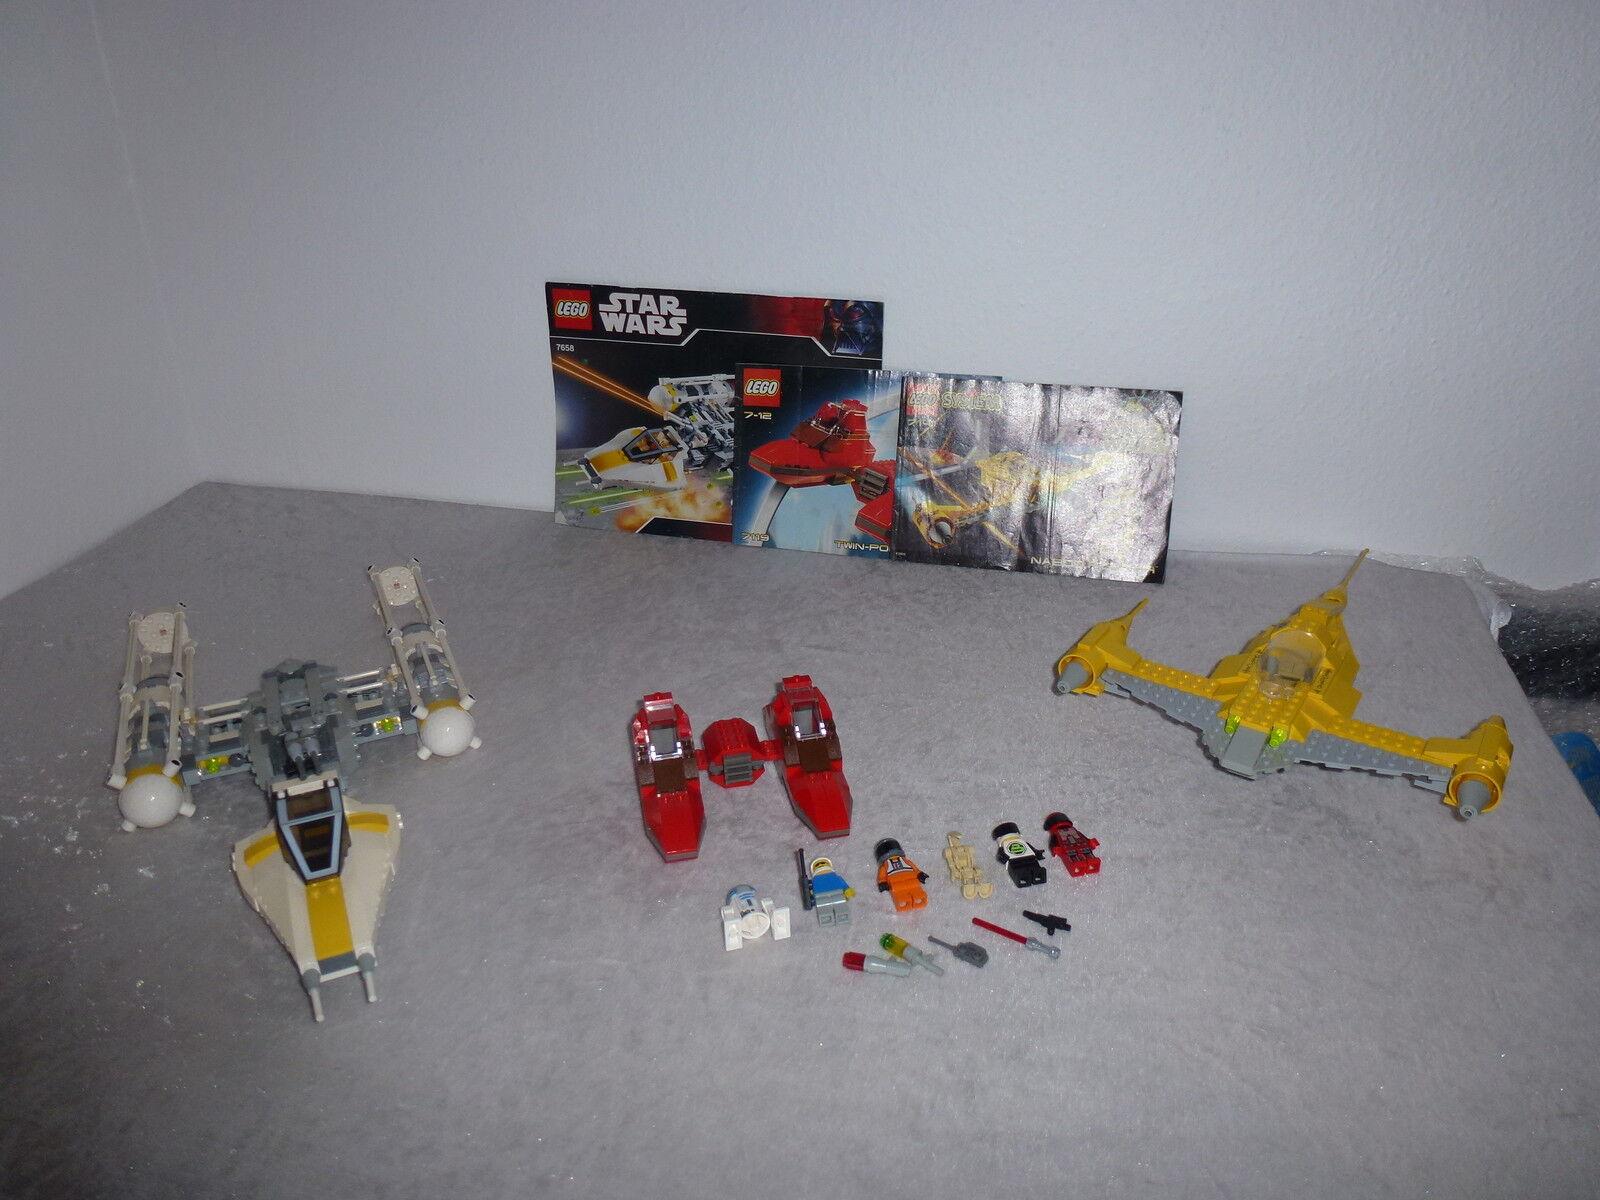 LEGO estrella guerras 7658+7119+7141 del 1999  02 + OBA  rarità  incentivi promozionali